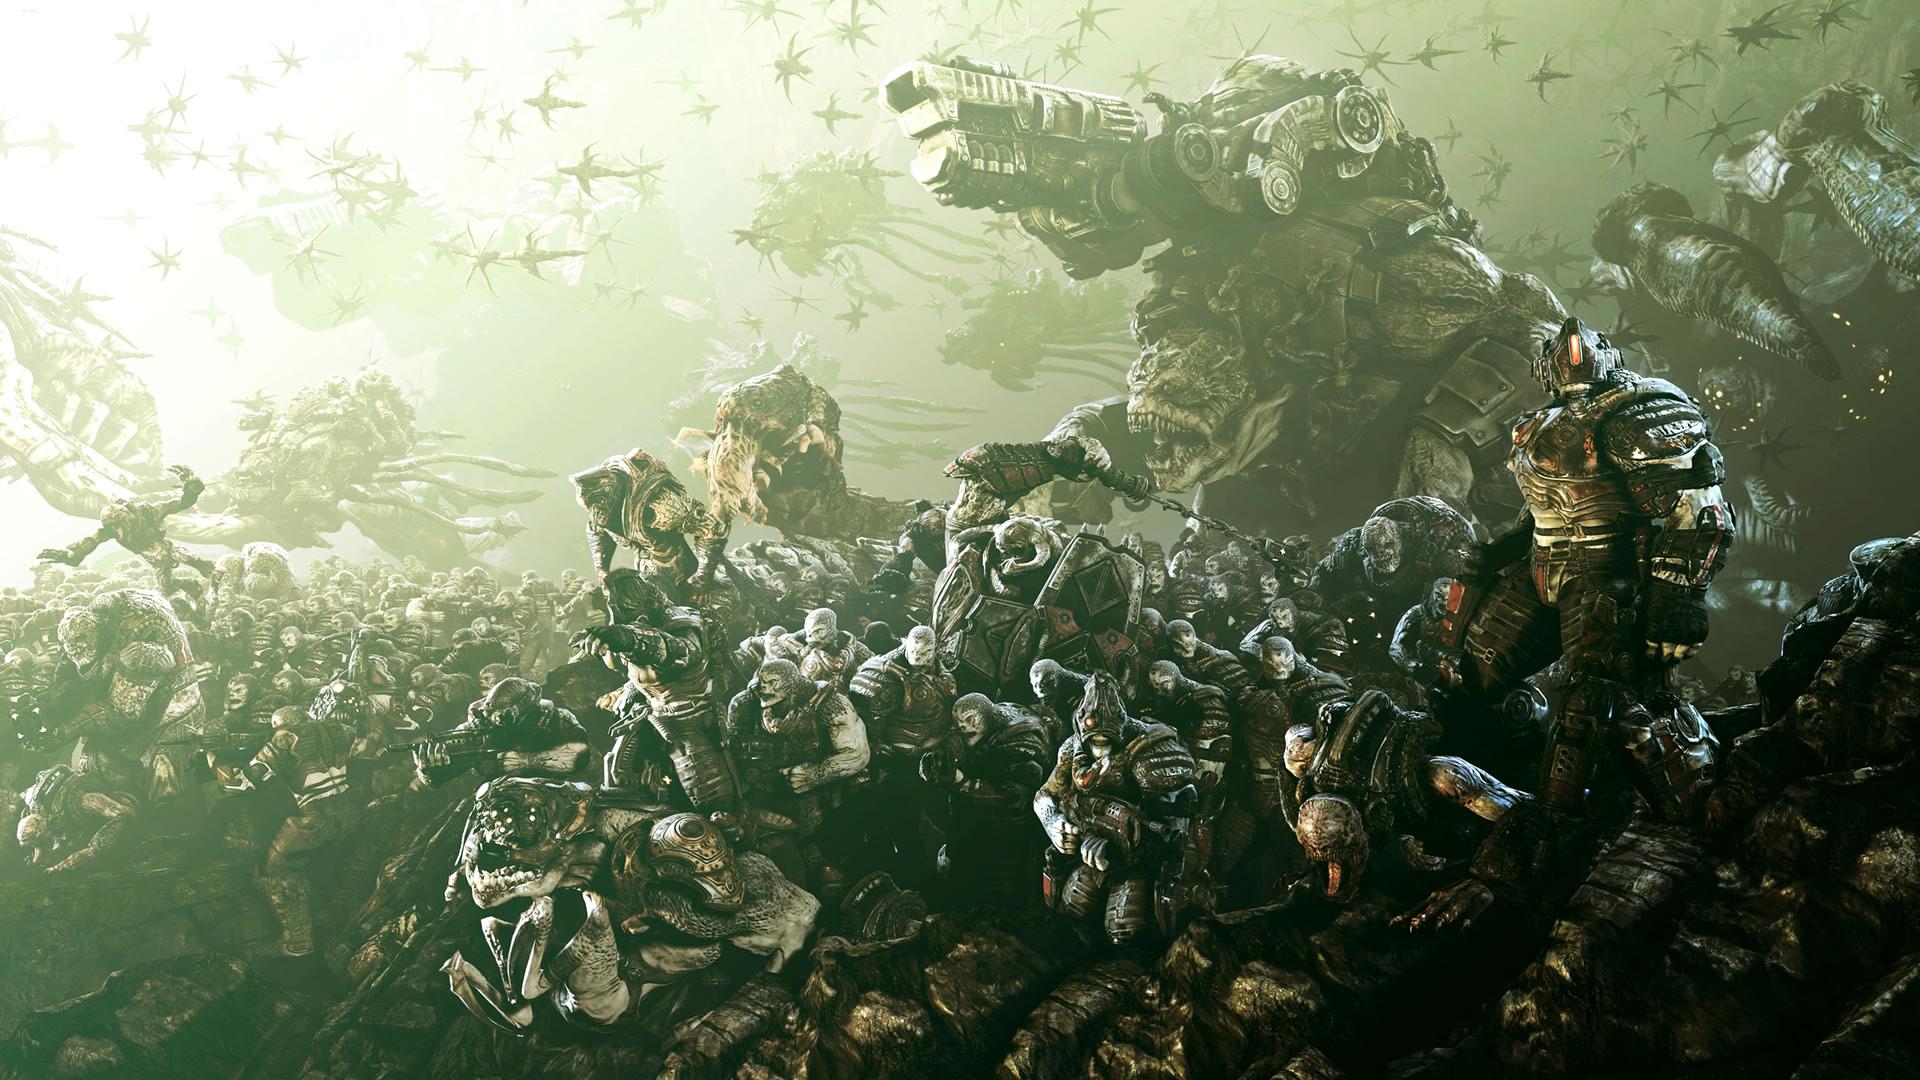 Wallpapers Gears of War 3 HD   Taringa 1920x1080